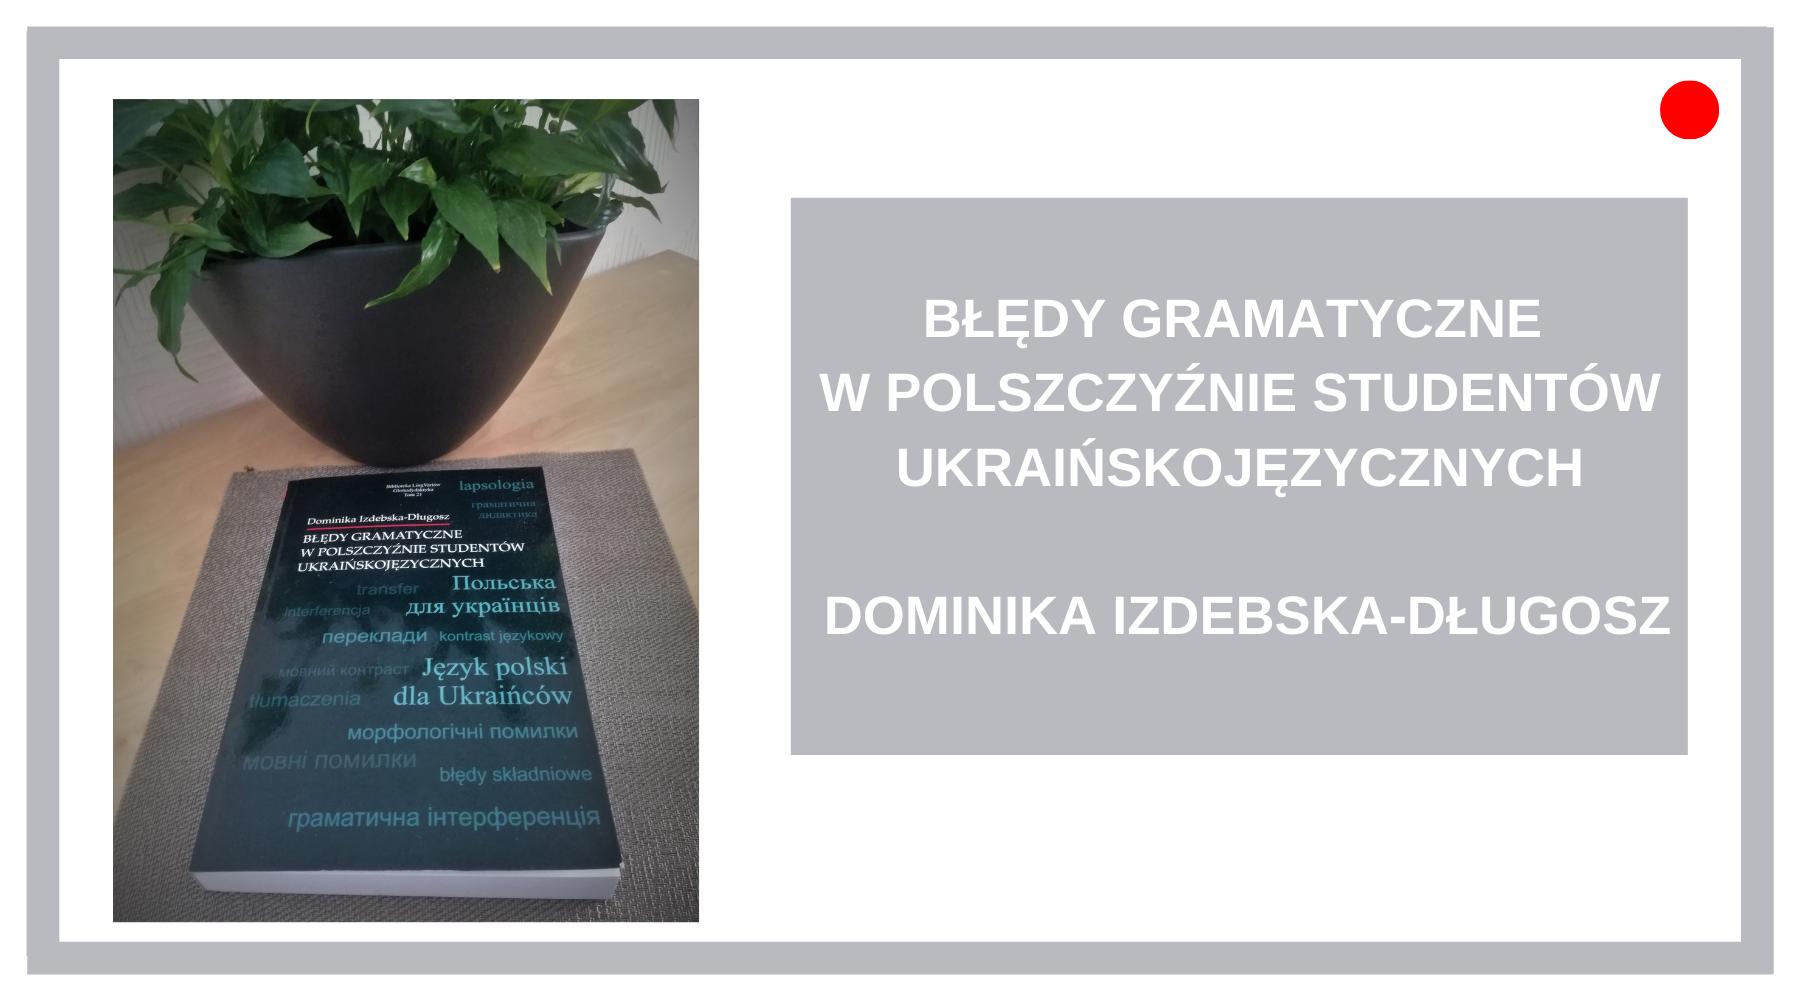 Blog Agnieszka Jasińska - Błędy gramatyczne w polszczyźnie studentów ukraińskojęzycznych, Dominika Izdebska-Długosz